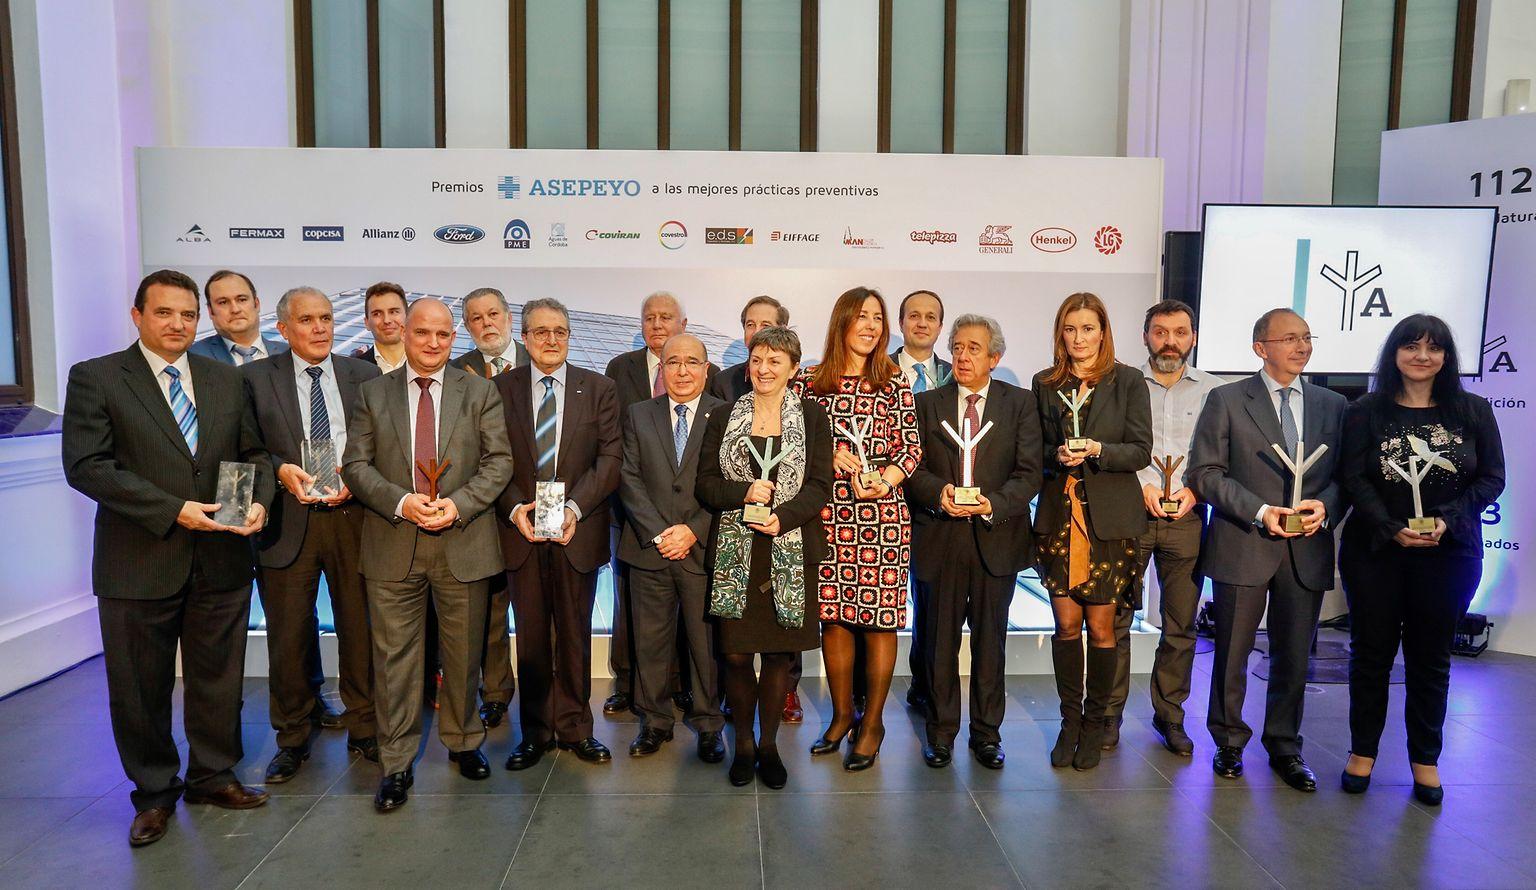 Grupo de premiados durante el acto de entrega de la VI Edición de los Premios Asepeyo.